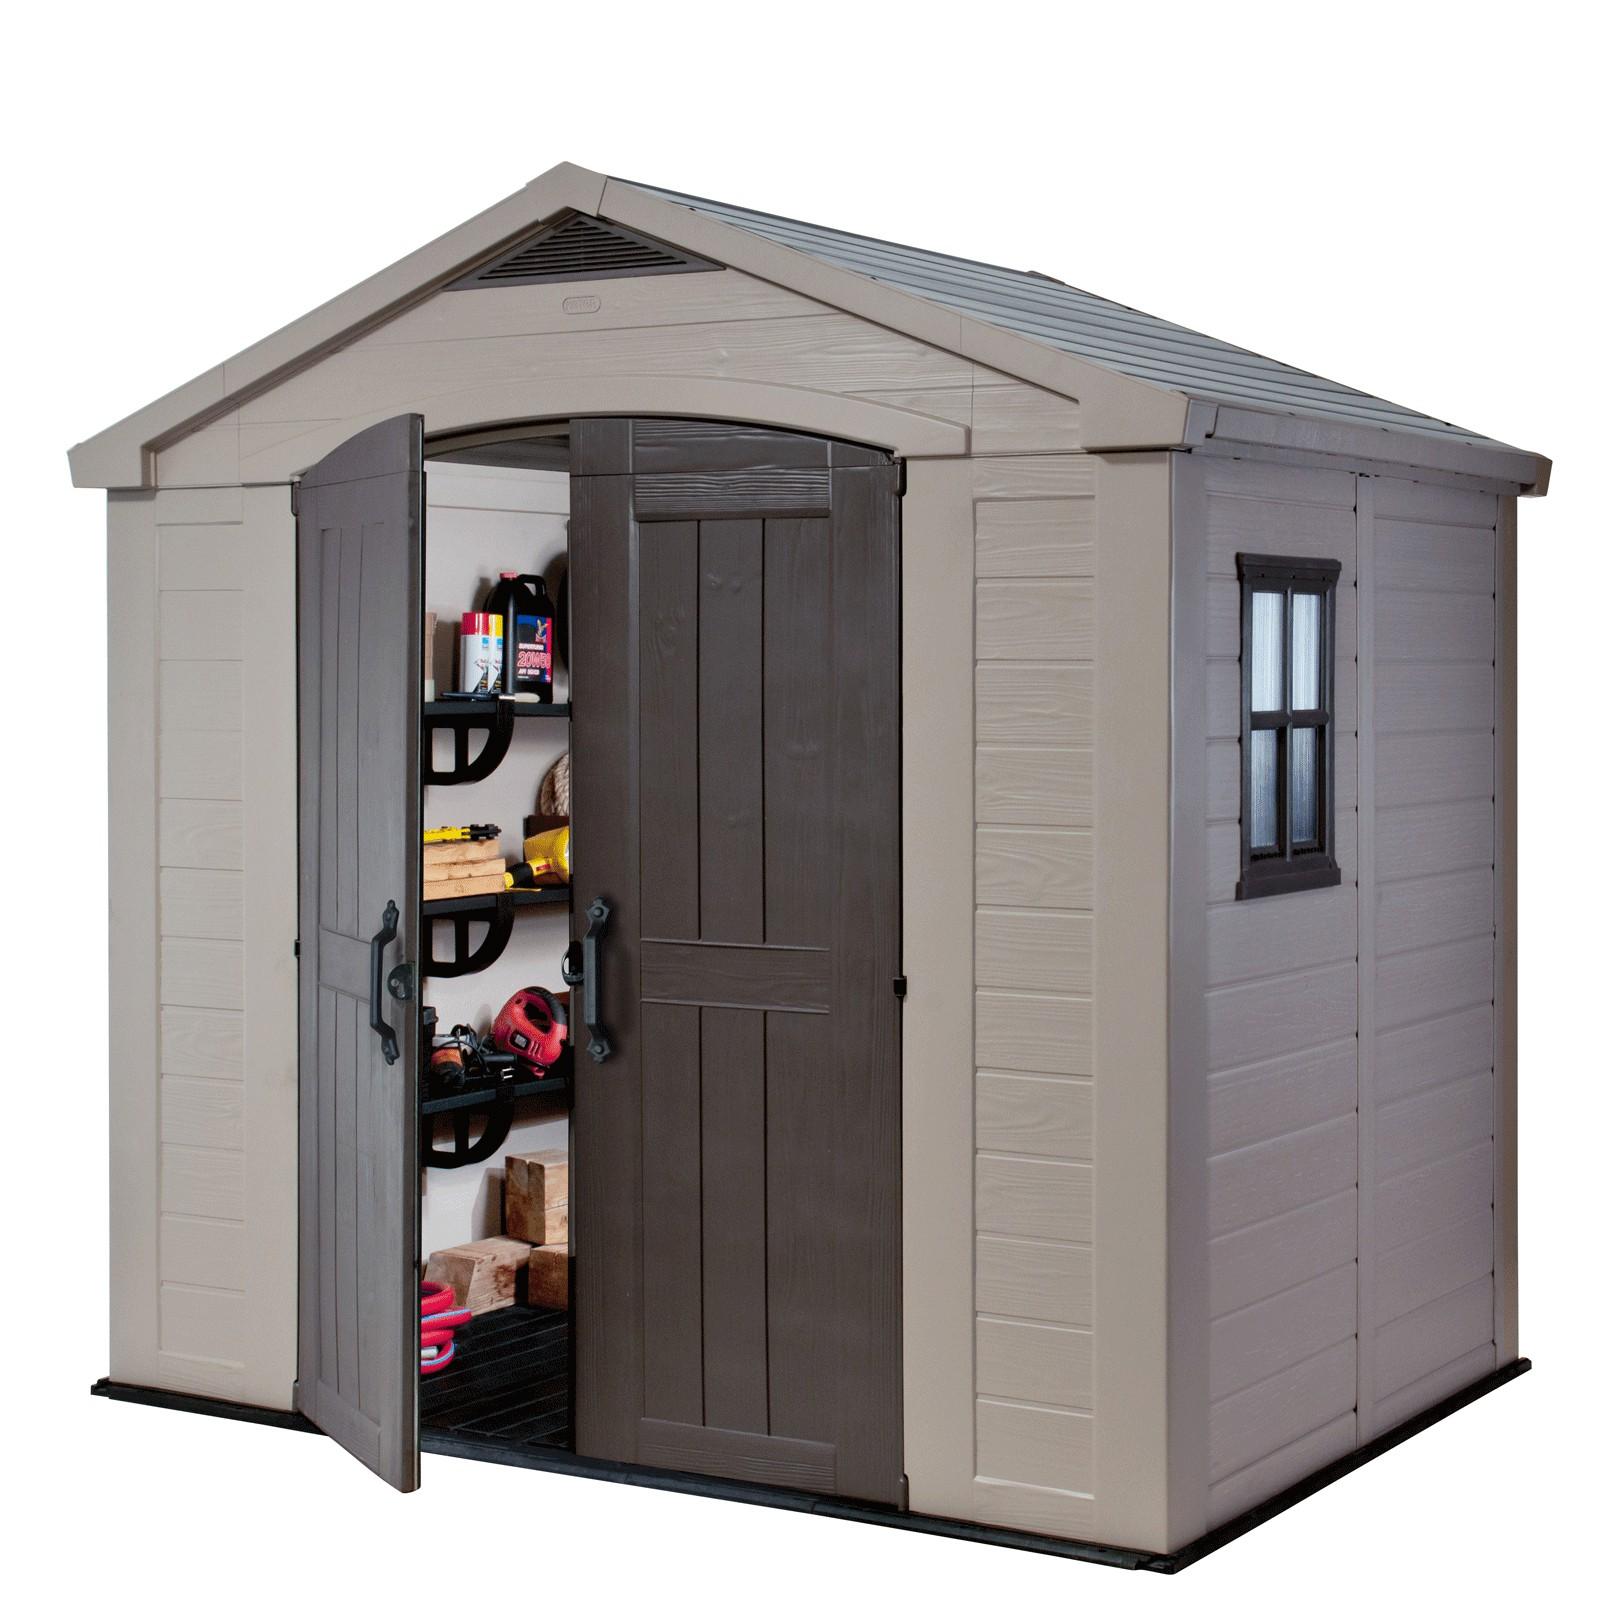 keter kunststoff ger tehaus gartenhaus factor 8x6. Black Bedroom Furniture Sets. Home Design Ideas